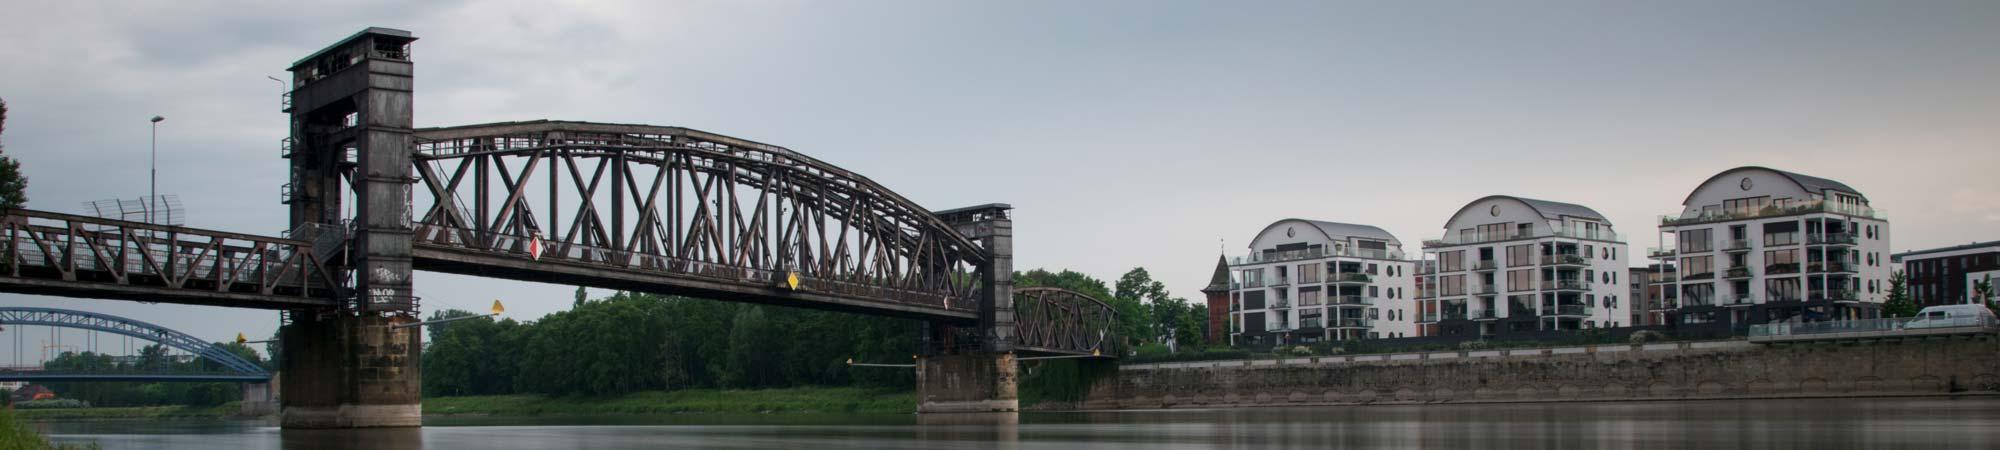 Magdeburg Swaton